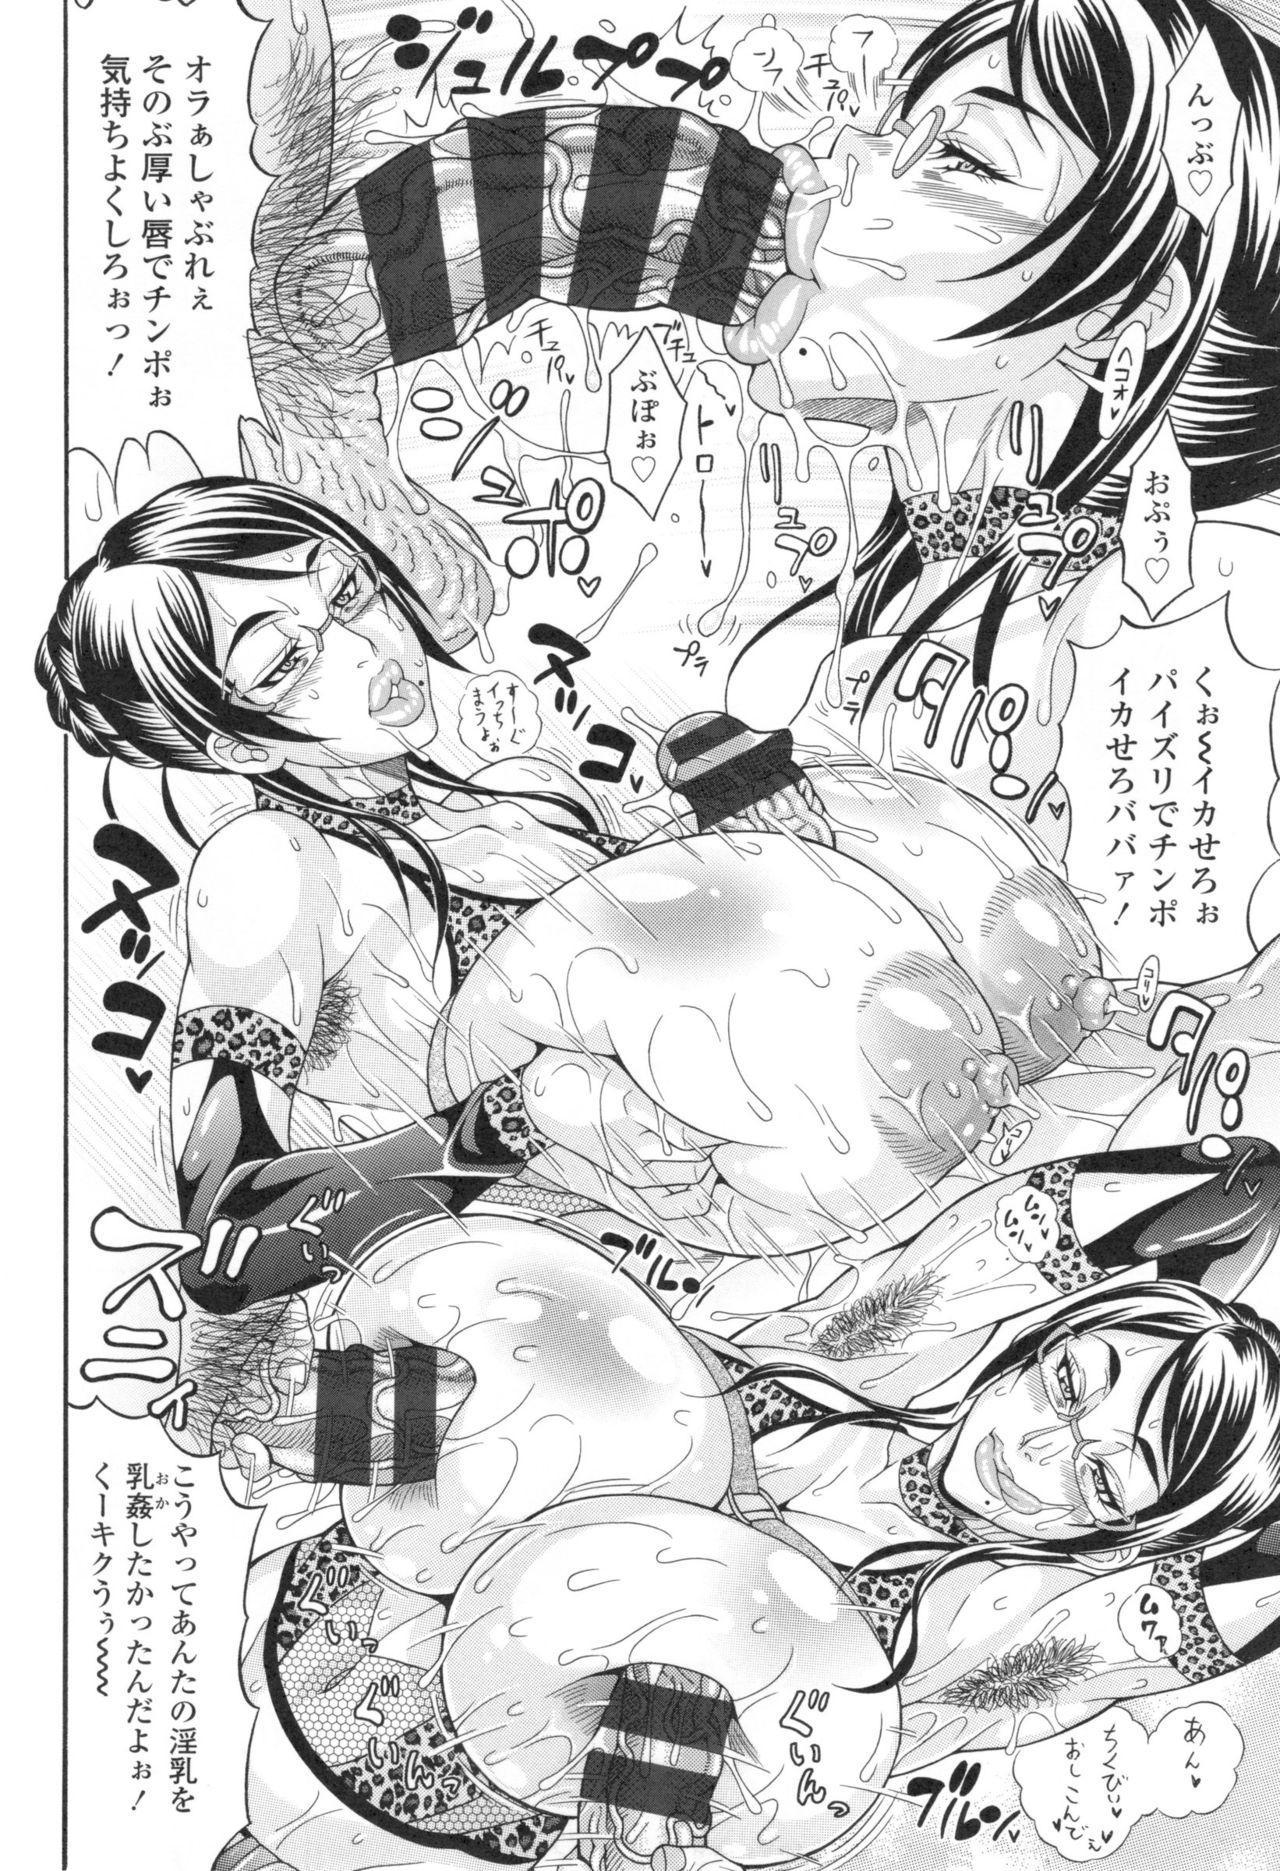 [Andou Hiroyuki] Pakopako Bitch ~Megamori! Mashimashi! Dosukebe Niku~ + Toranoana Leaflet 134